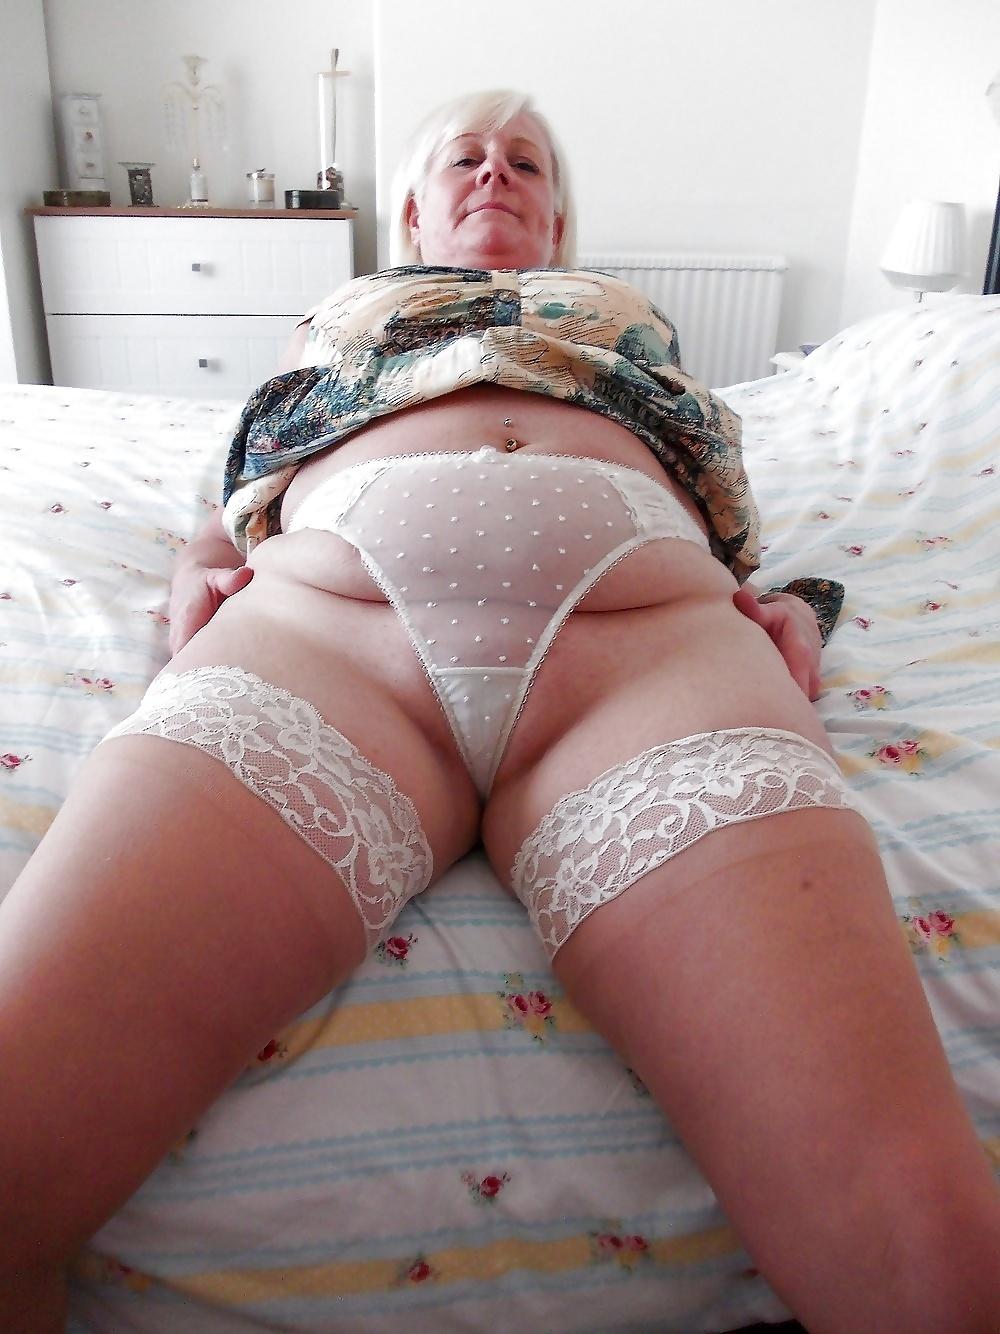 Mature Panty Pics, Hot Milf Porn Wives In Panties